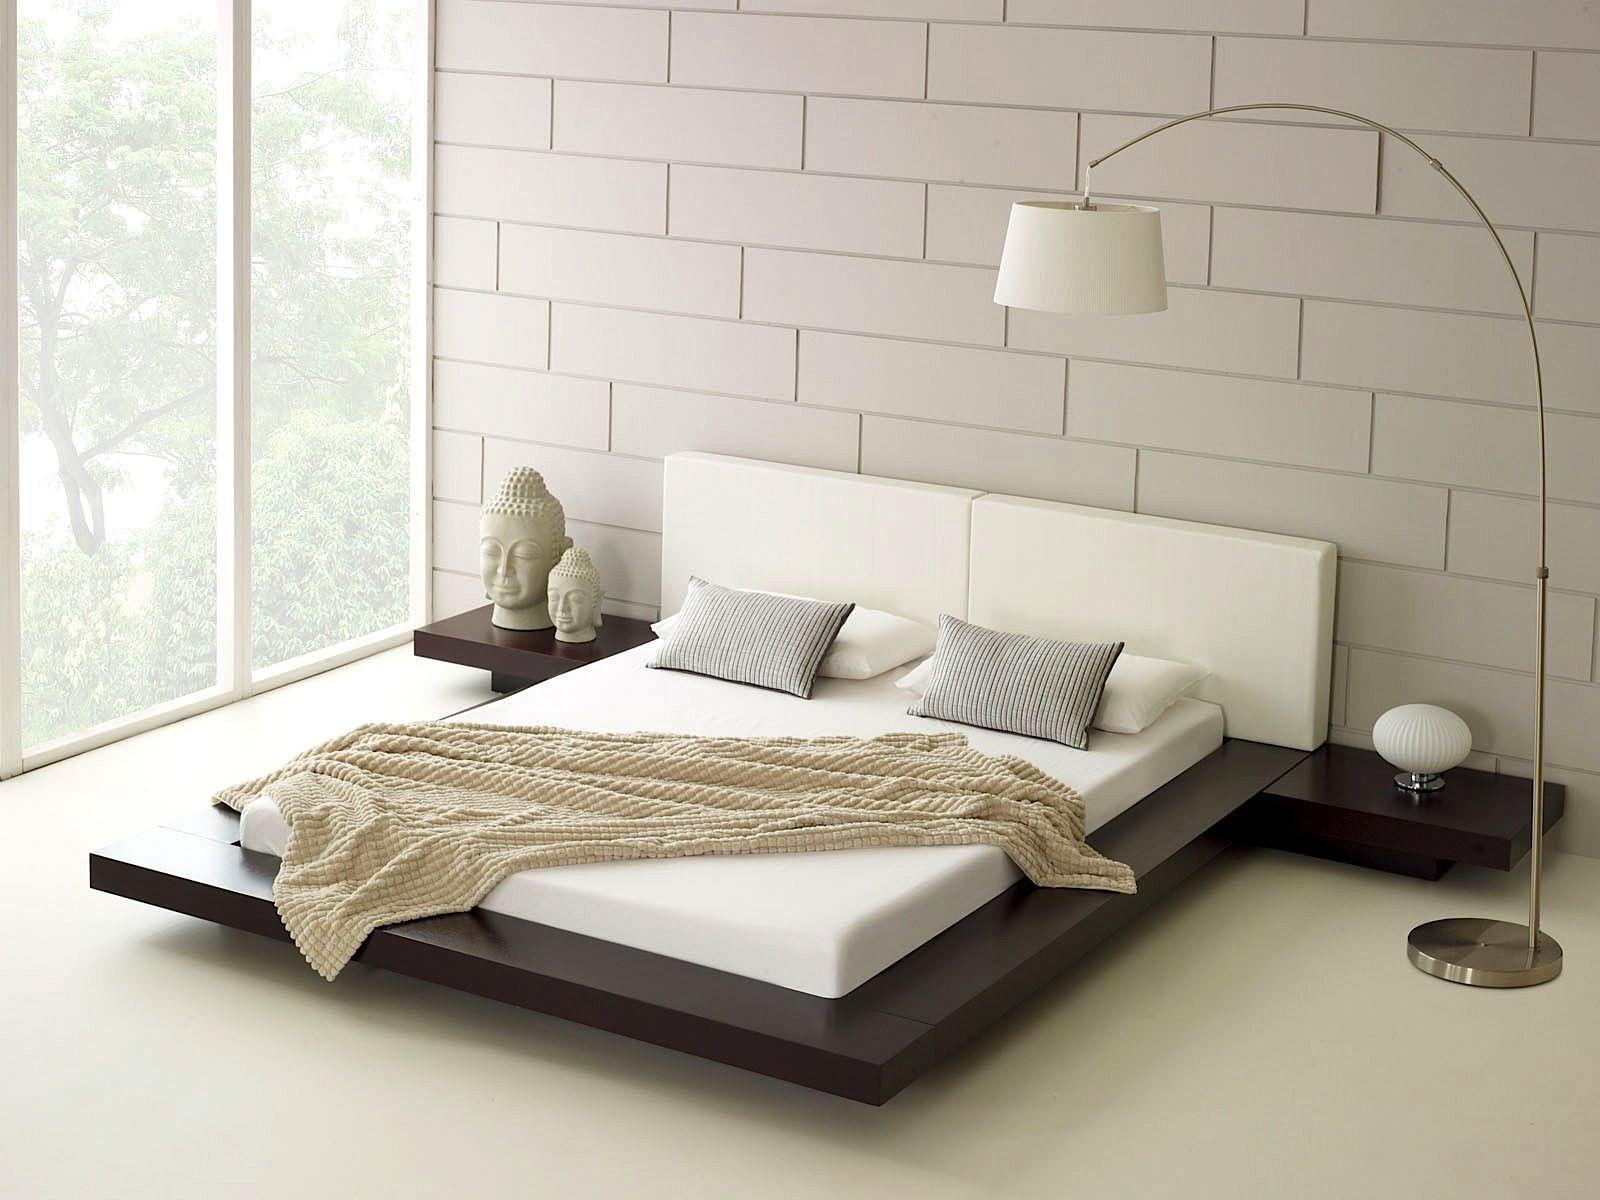 zen style minimalist bedroom with platform bed